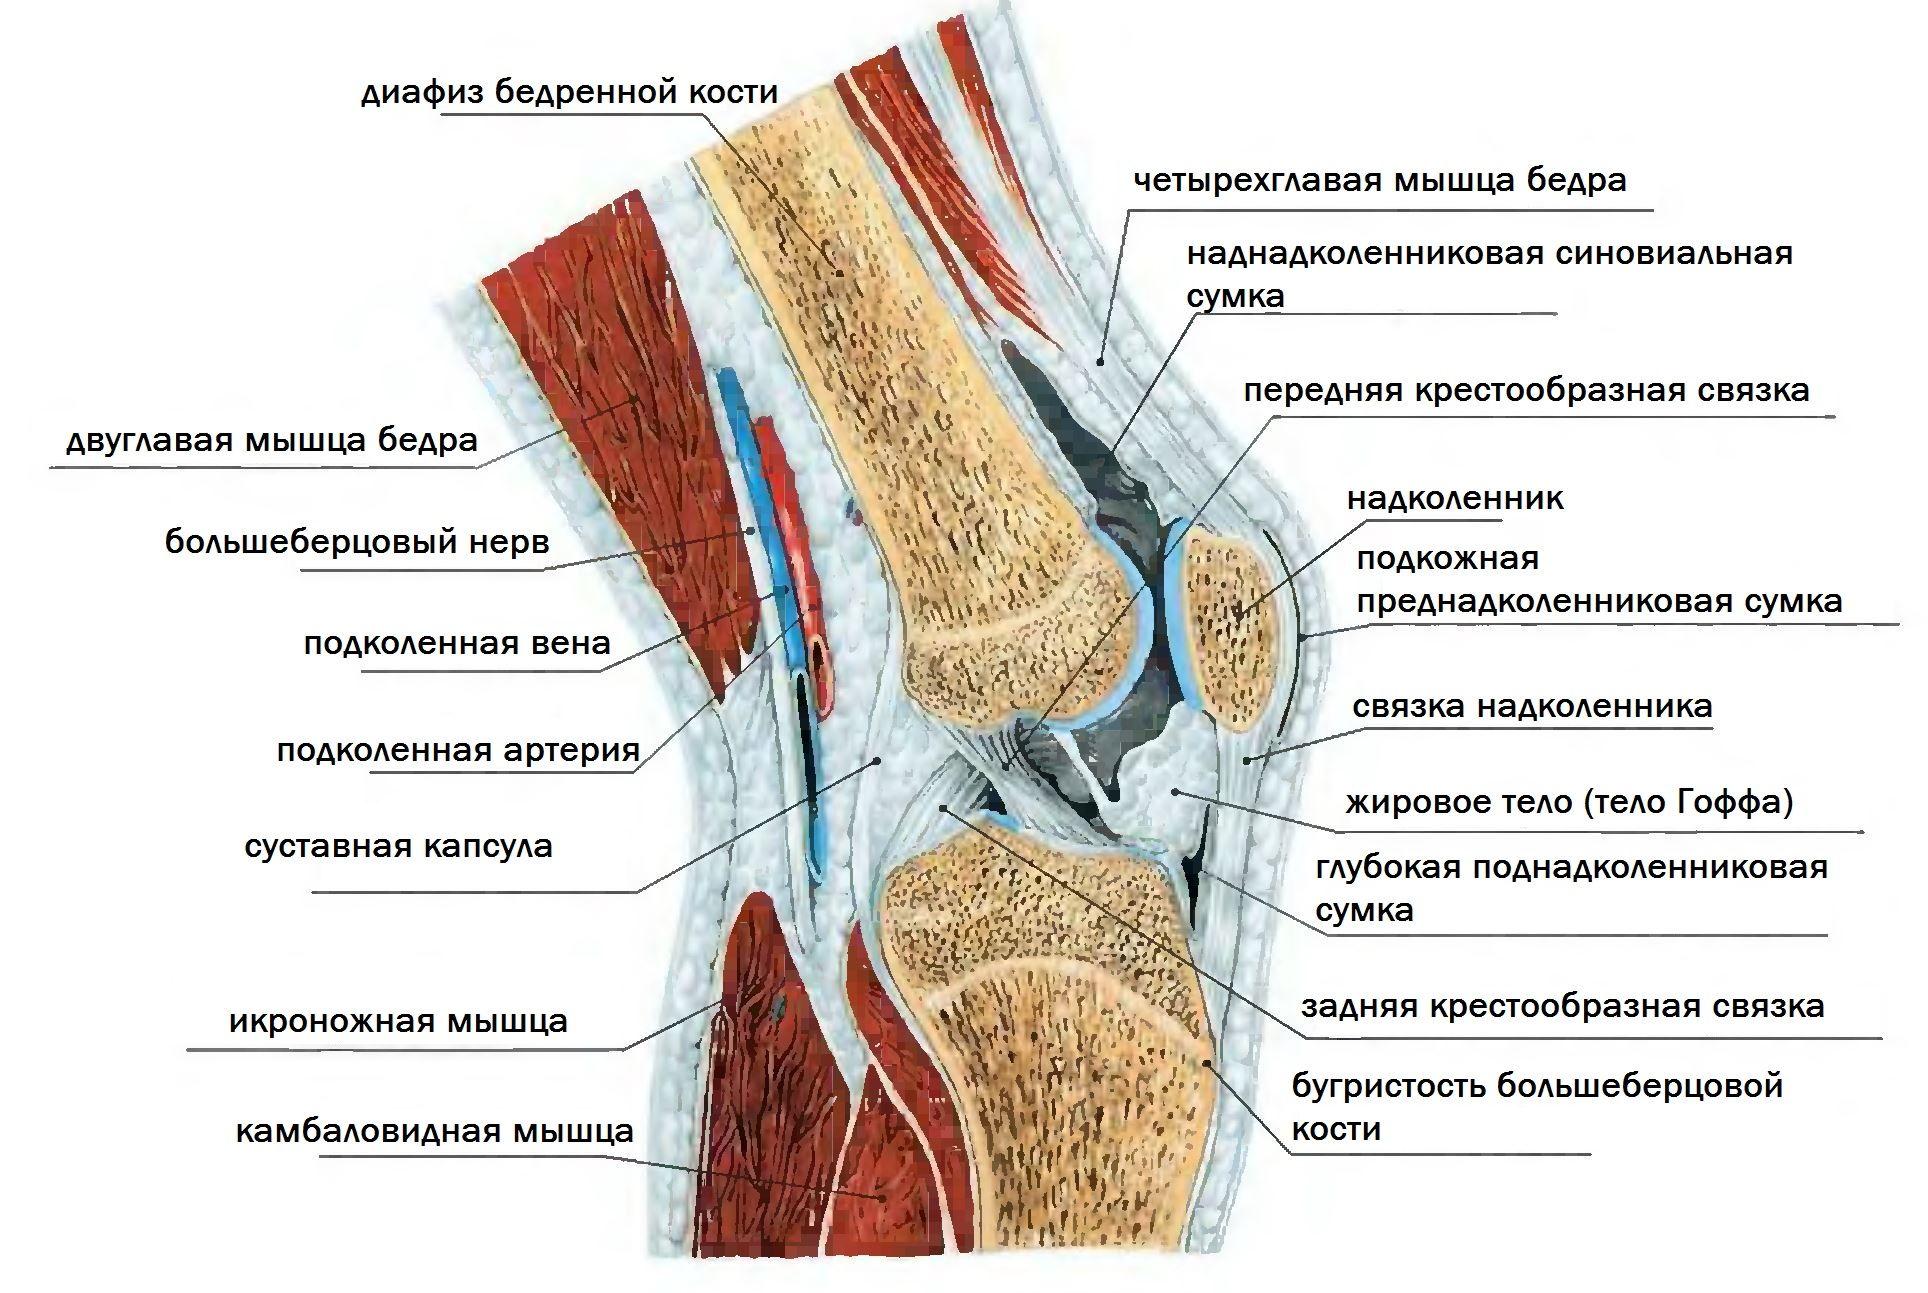 ízületi fájdalomcsillapító szerek nem deformált boka artritisz